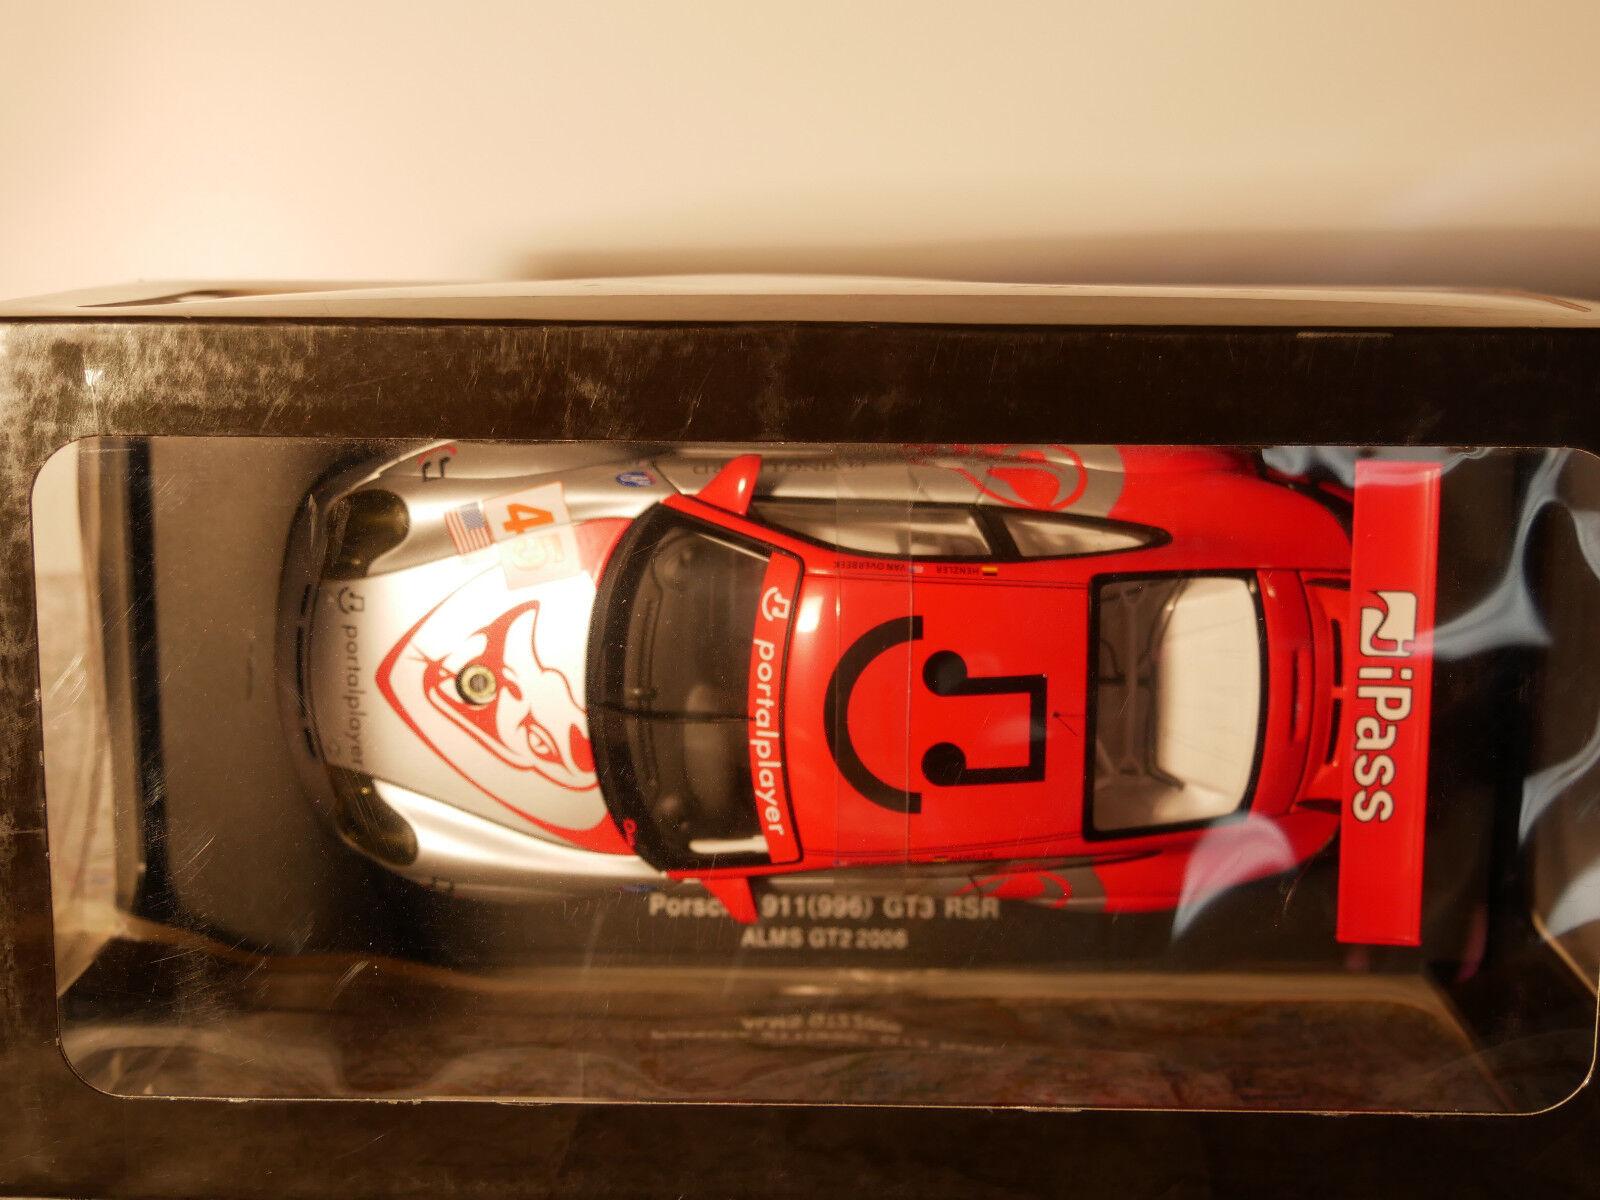 AUTO ART PORSCHE 911 (996) GT3 RSR ALMS GT2 2006  ART.80673 1 18  NEW